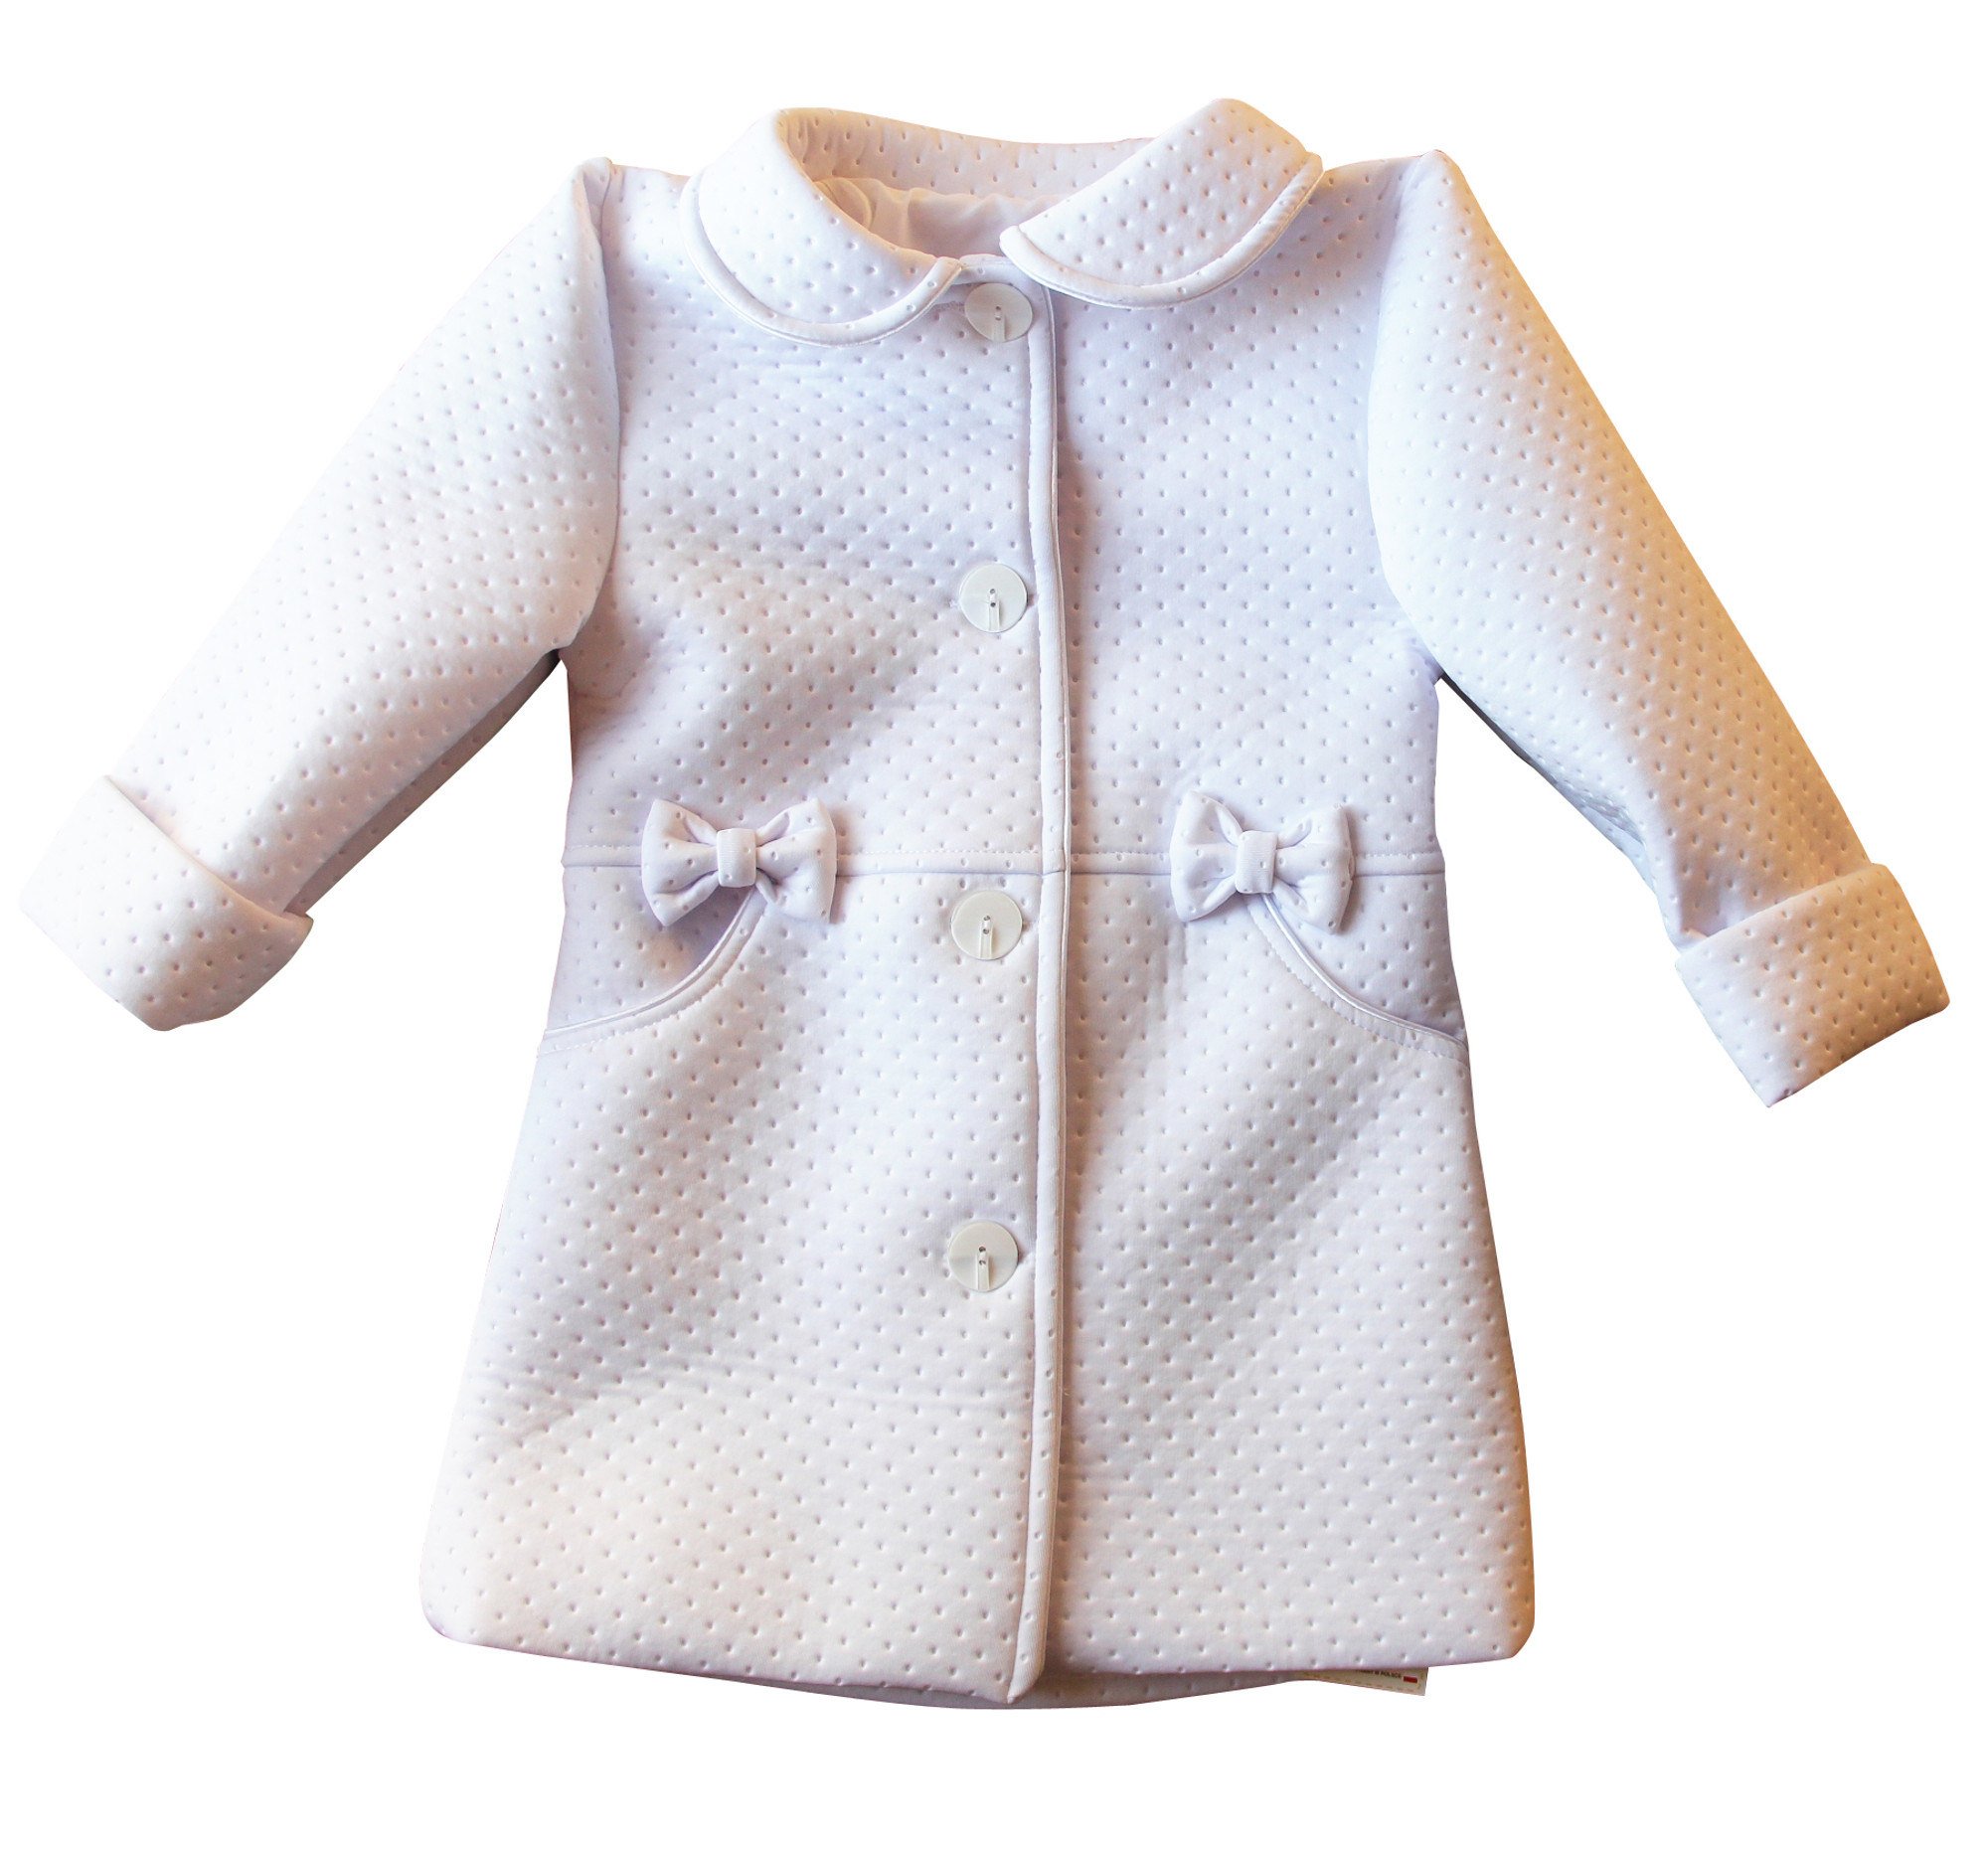 BIMARO Mädchen Mantel Lea weiß Taufmantel Babymantel Jacke Baby Hochzeit Taufe festlich gefüttert 001